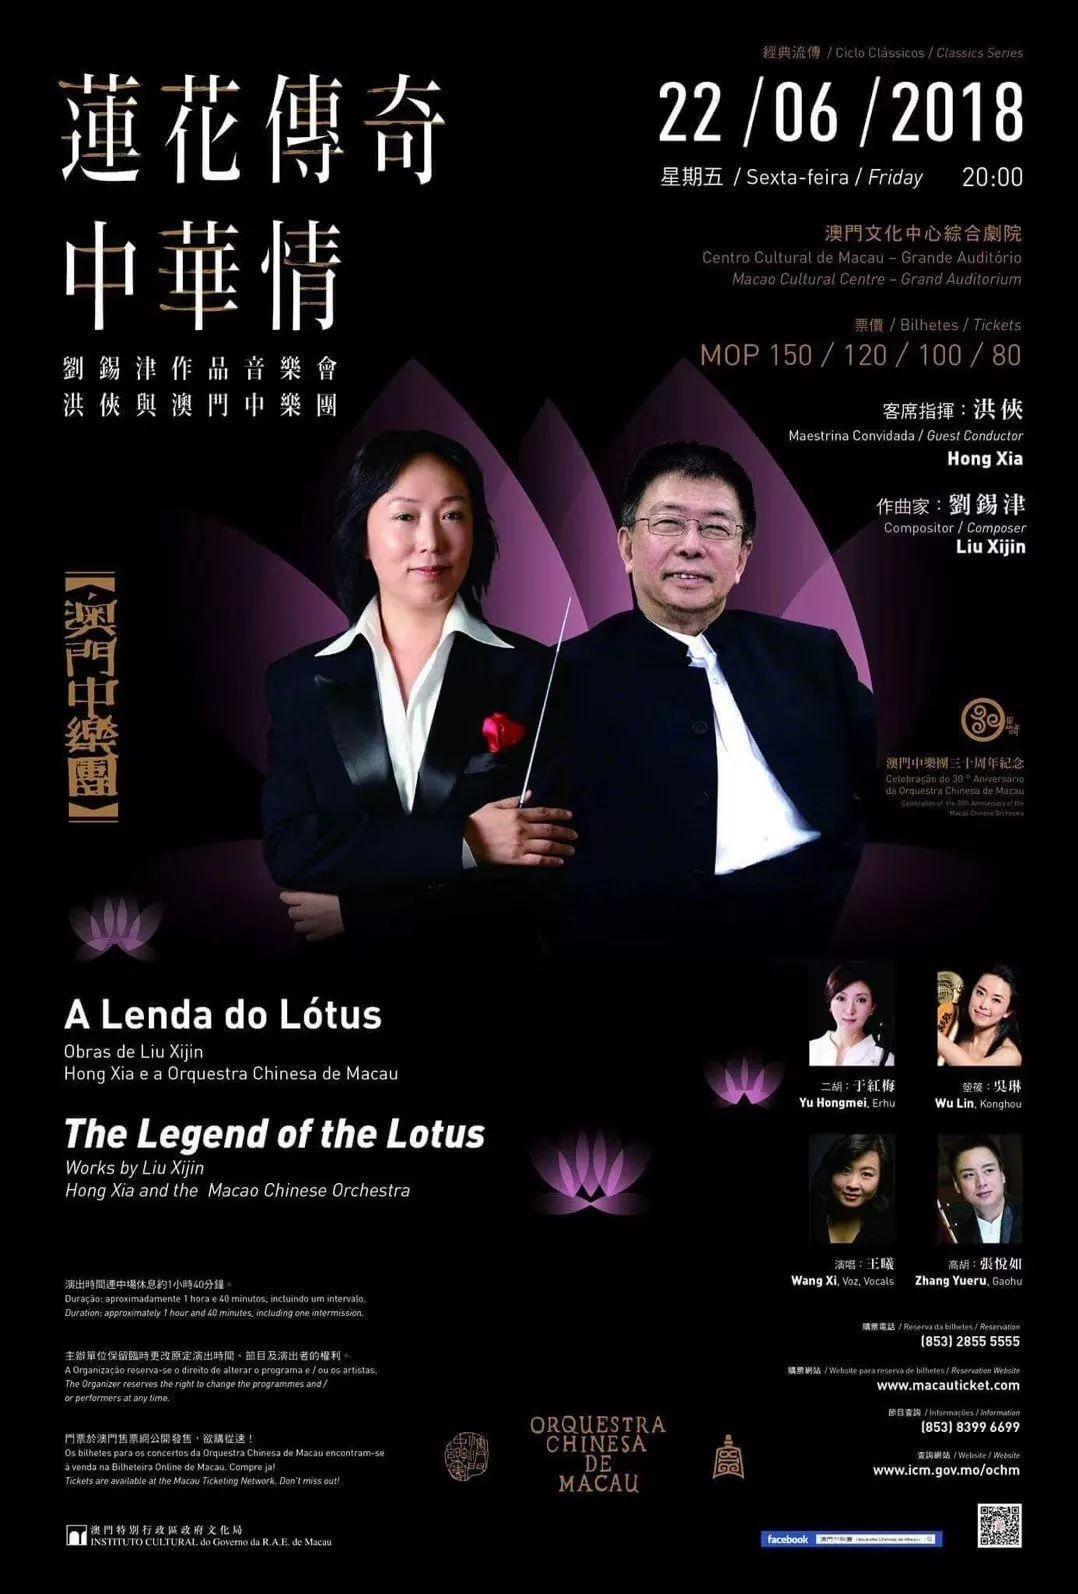 澳门中乐团《莲花传奇中华情》刘锡津作品音乐会将在澳门上演